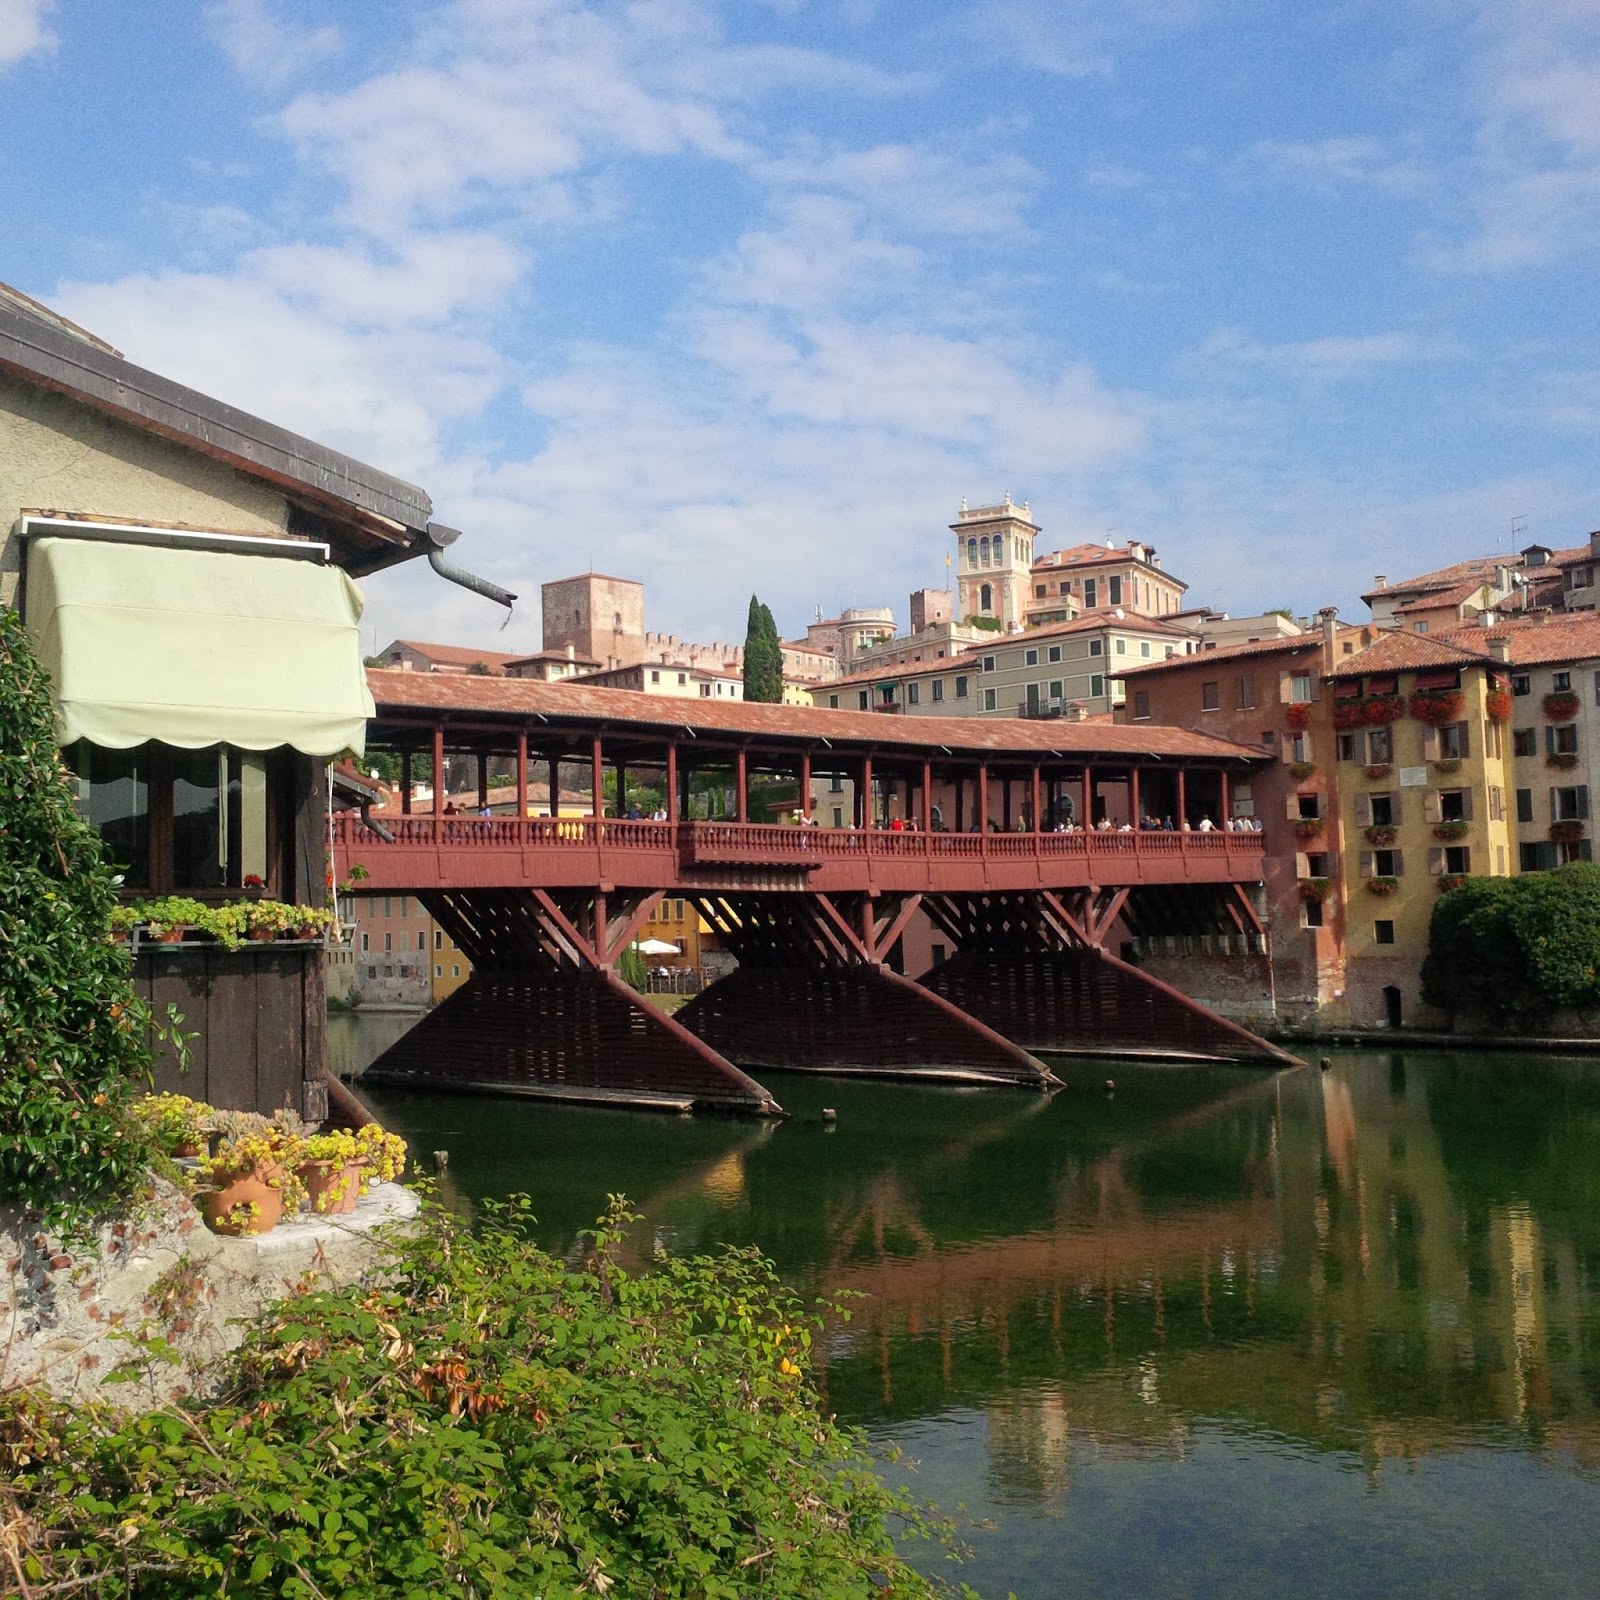 The Alpini Bridge designed by Andrea Palladio in Bassano del Grapa, Veneto, Italy